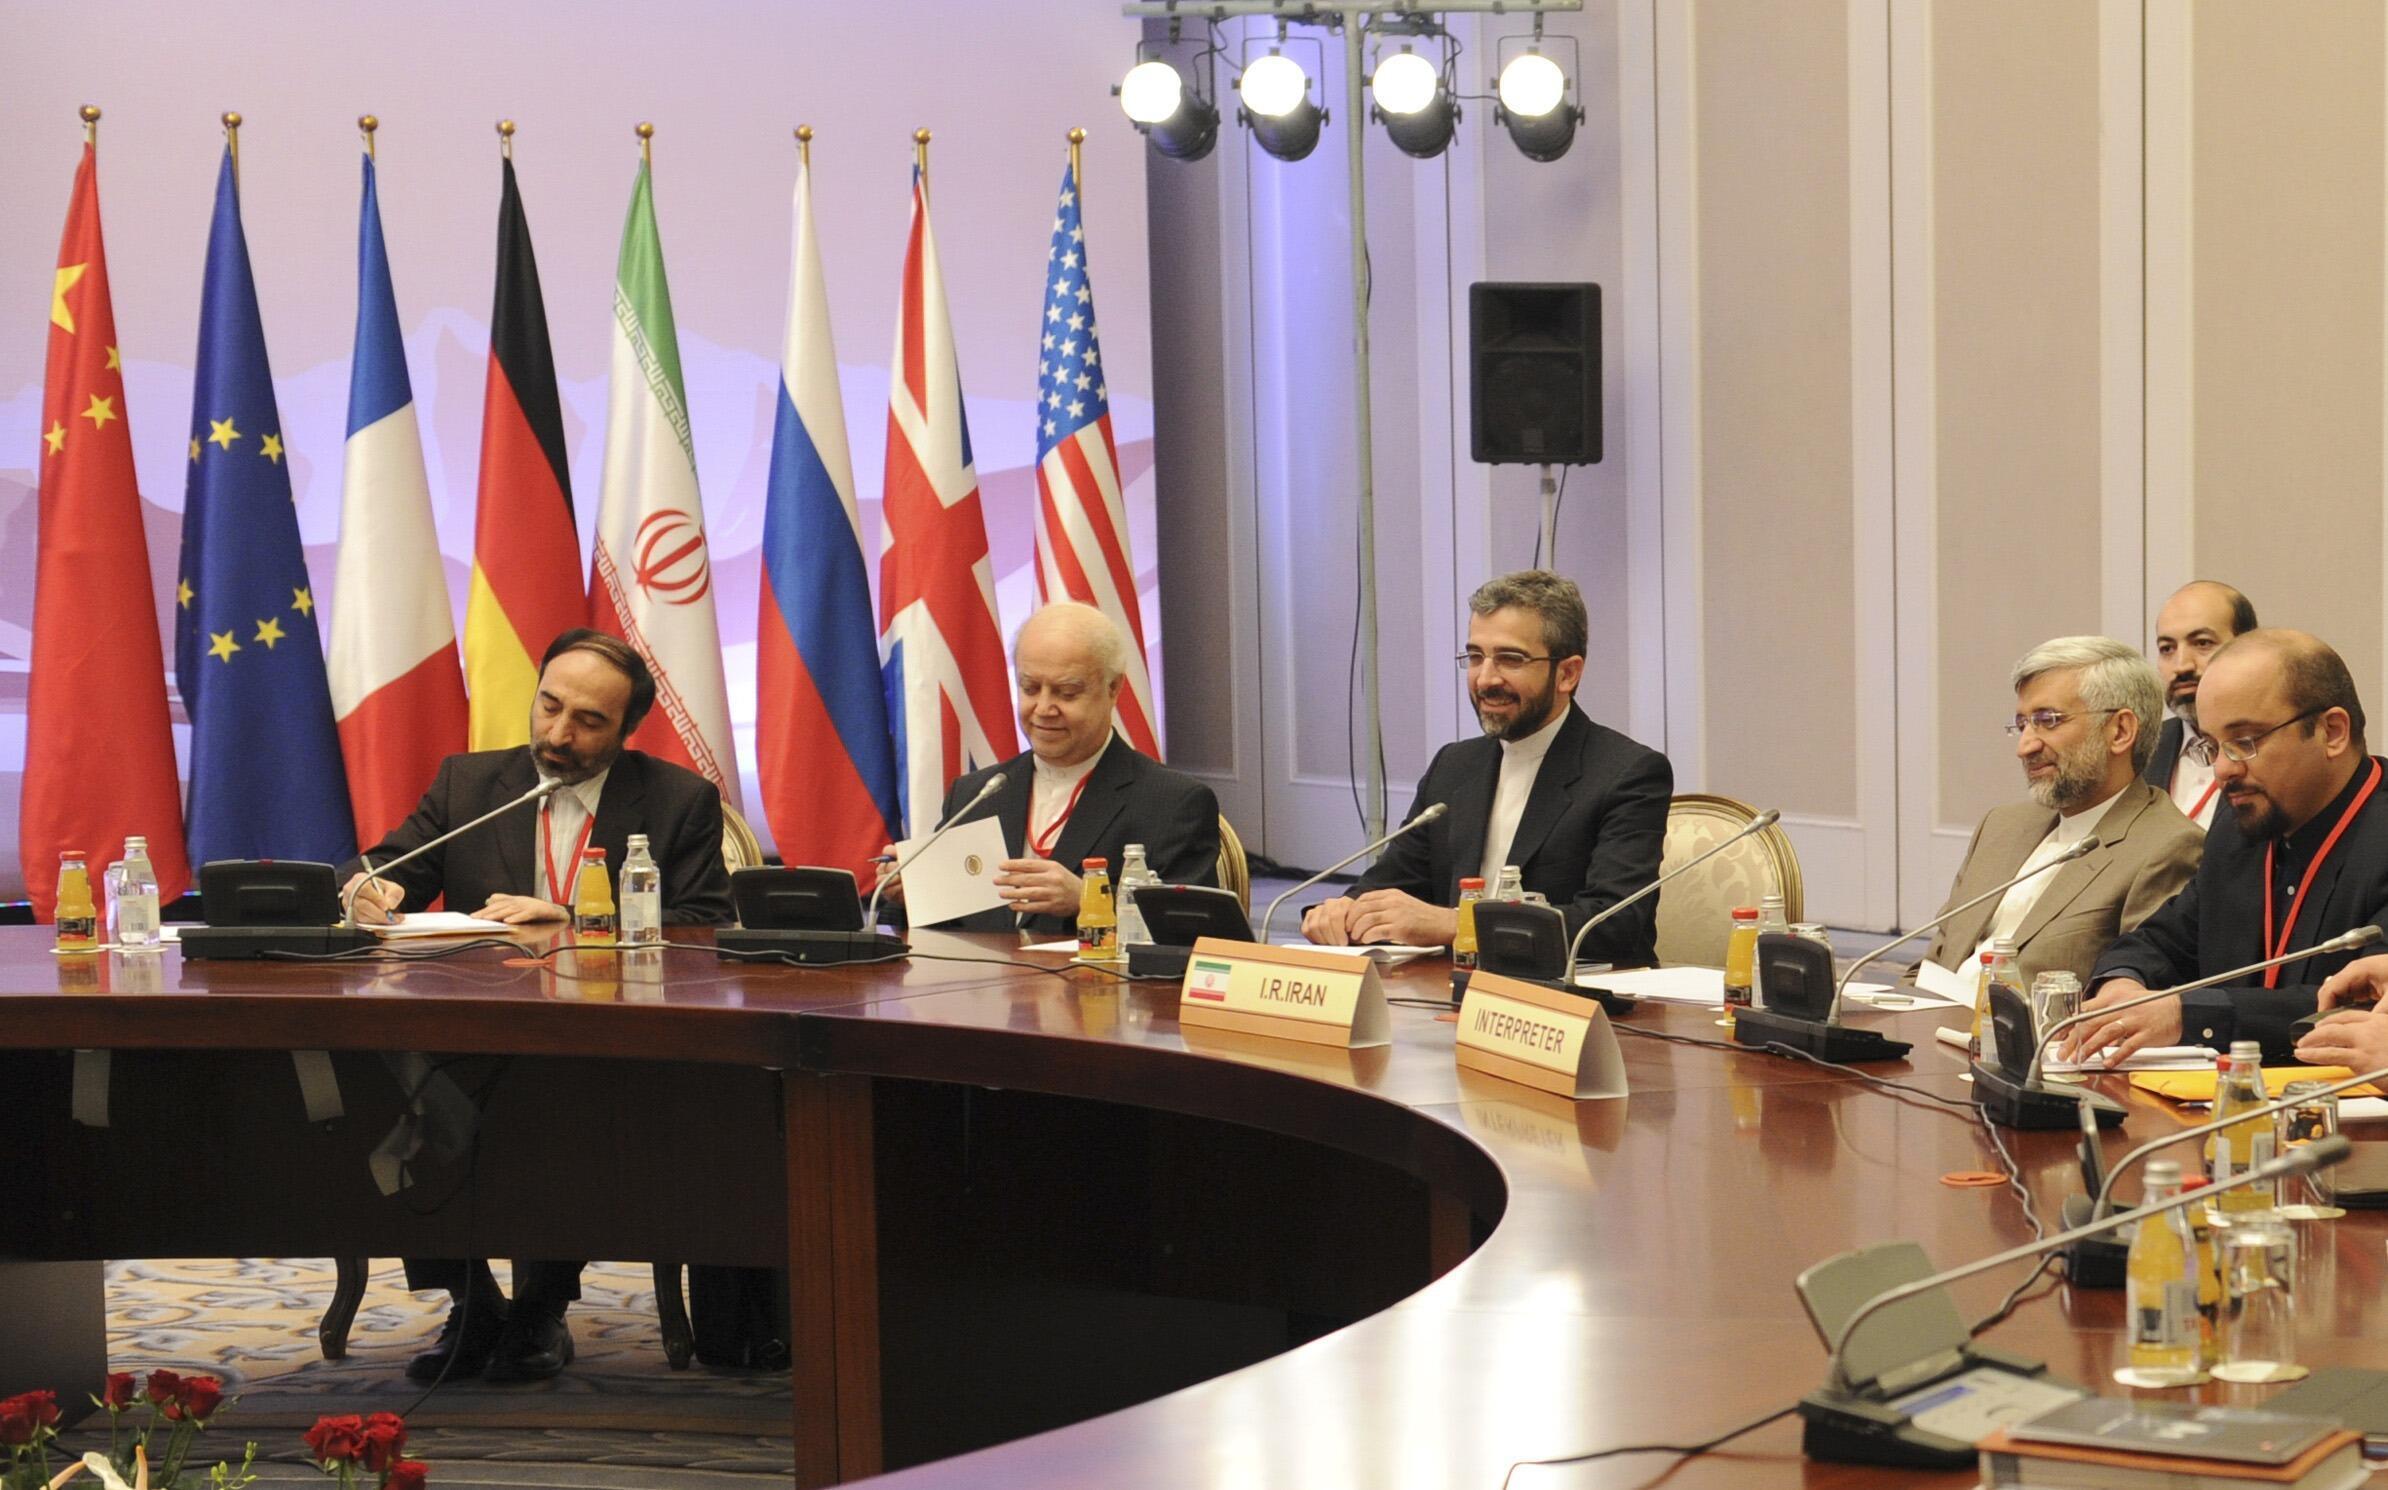 Переговоры в Казахстане между Ираном и Большой шестеркой 26/02/2013